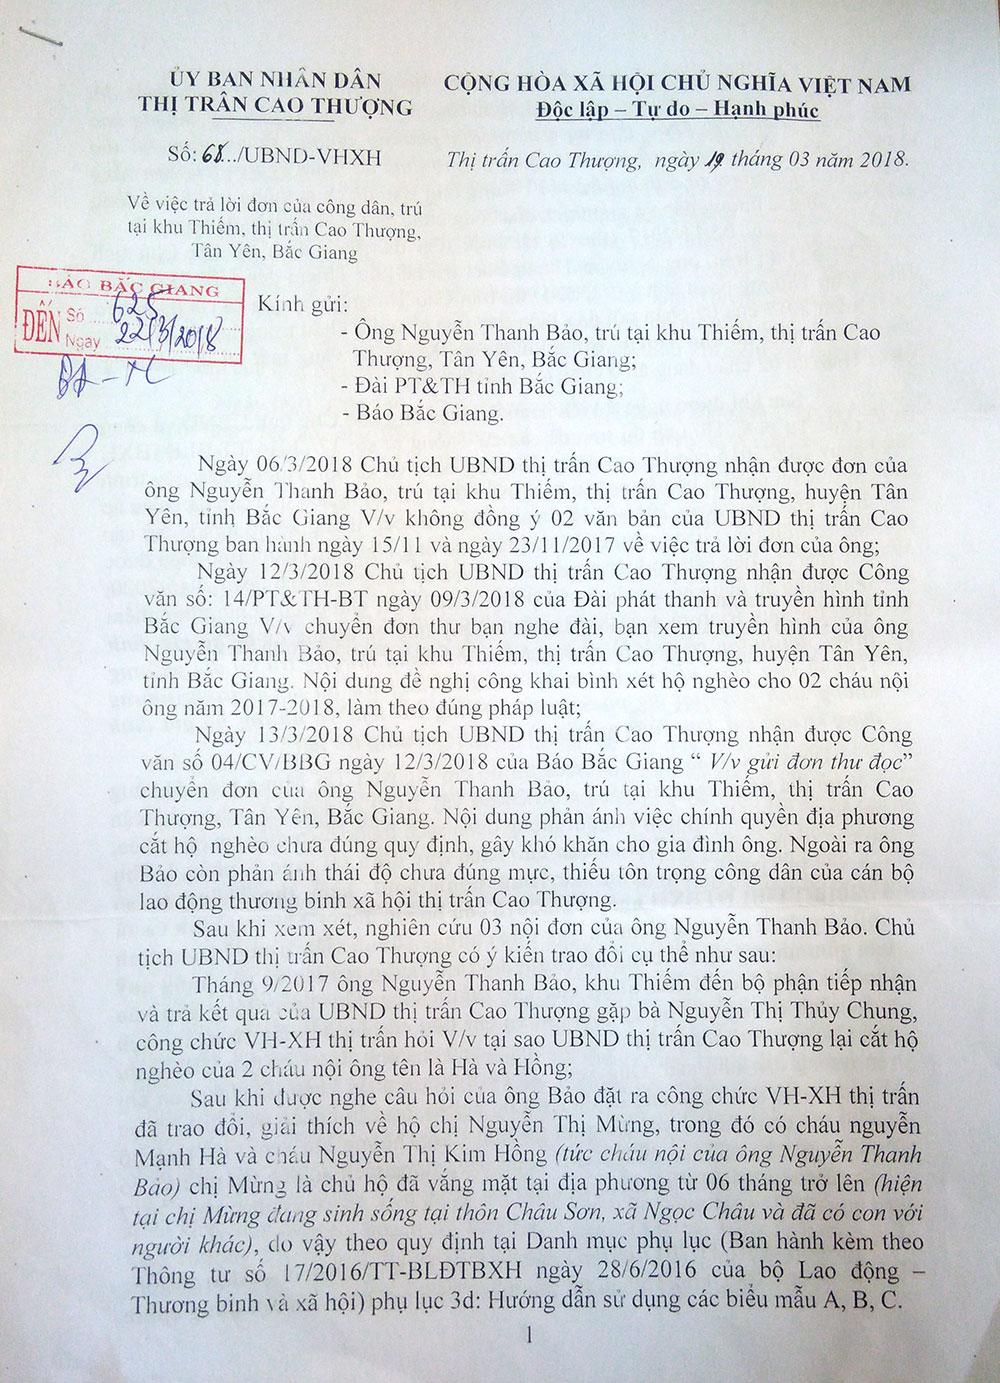 Không có căn cứ, giải quyết đơn, ông Nguyễn Thanh Bảo